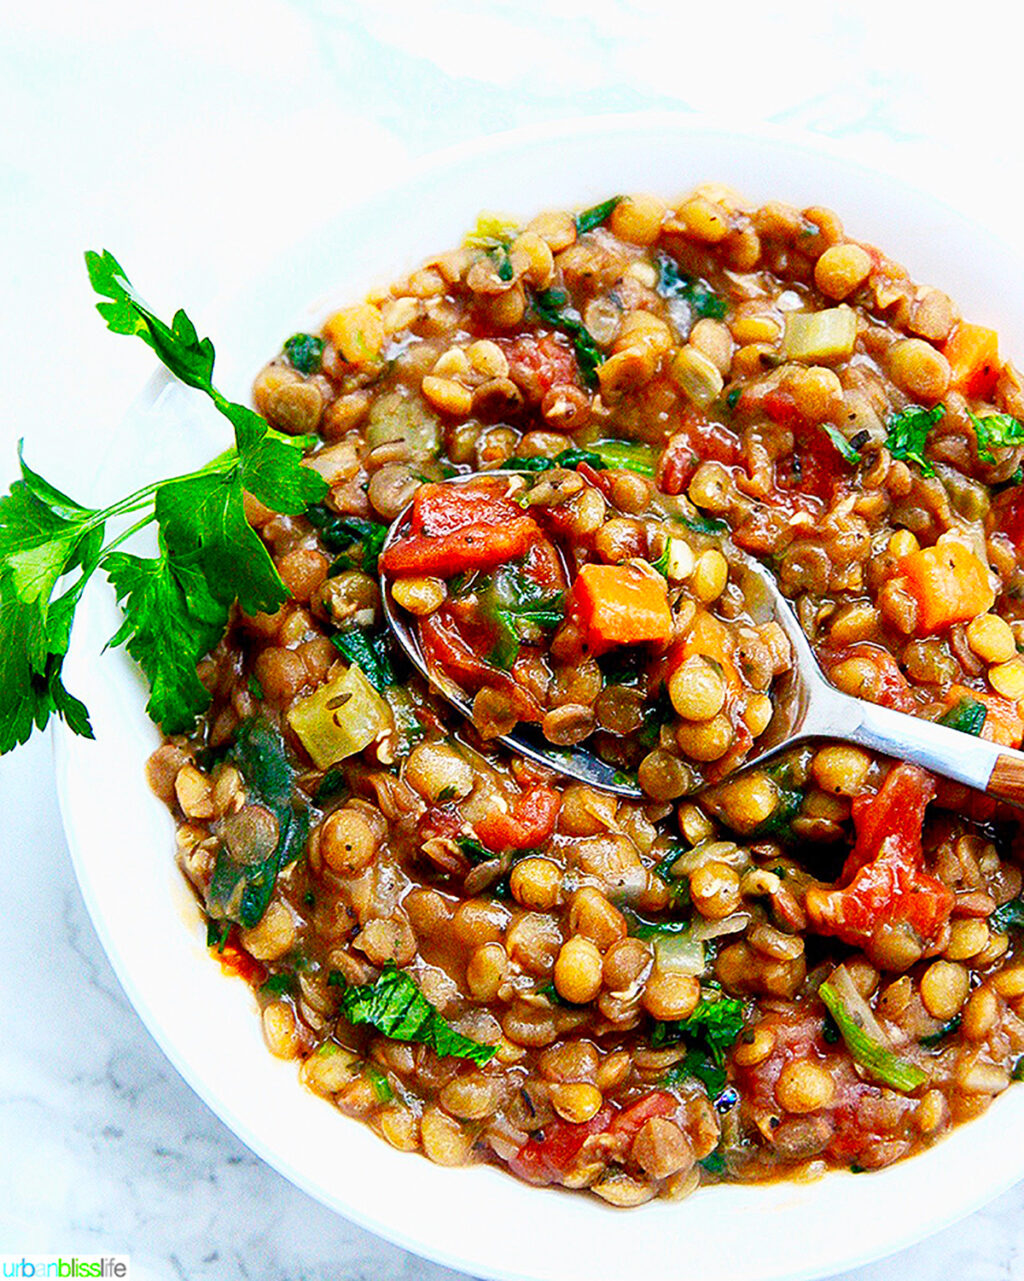 one bowl of Instant Pot Lentil Soup